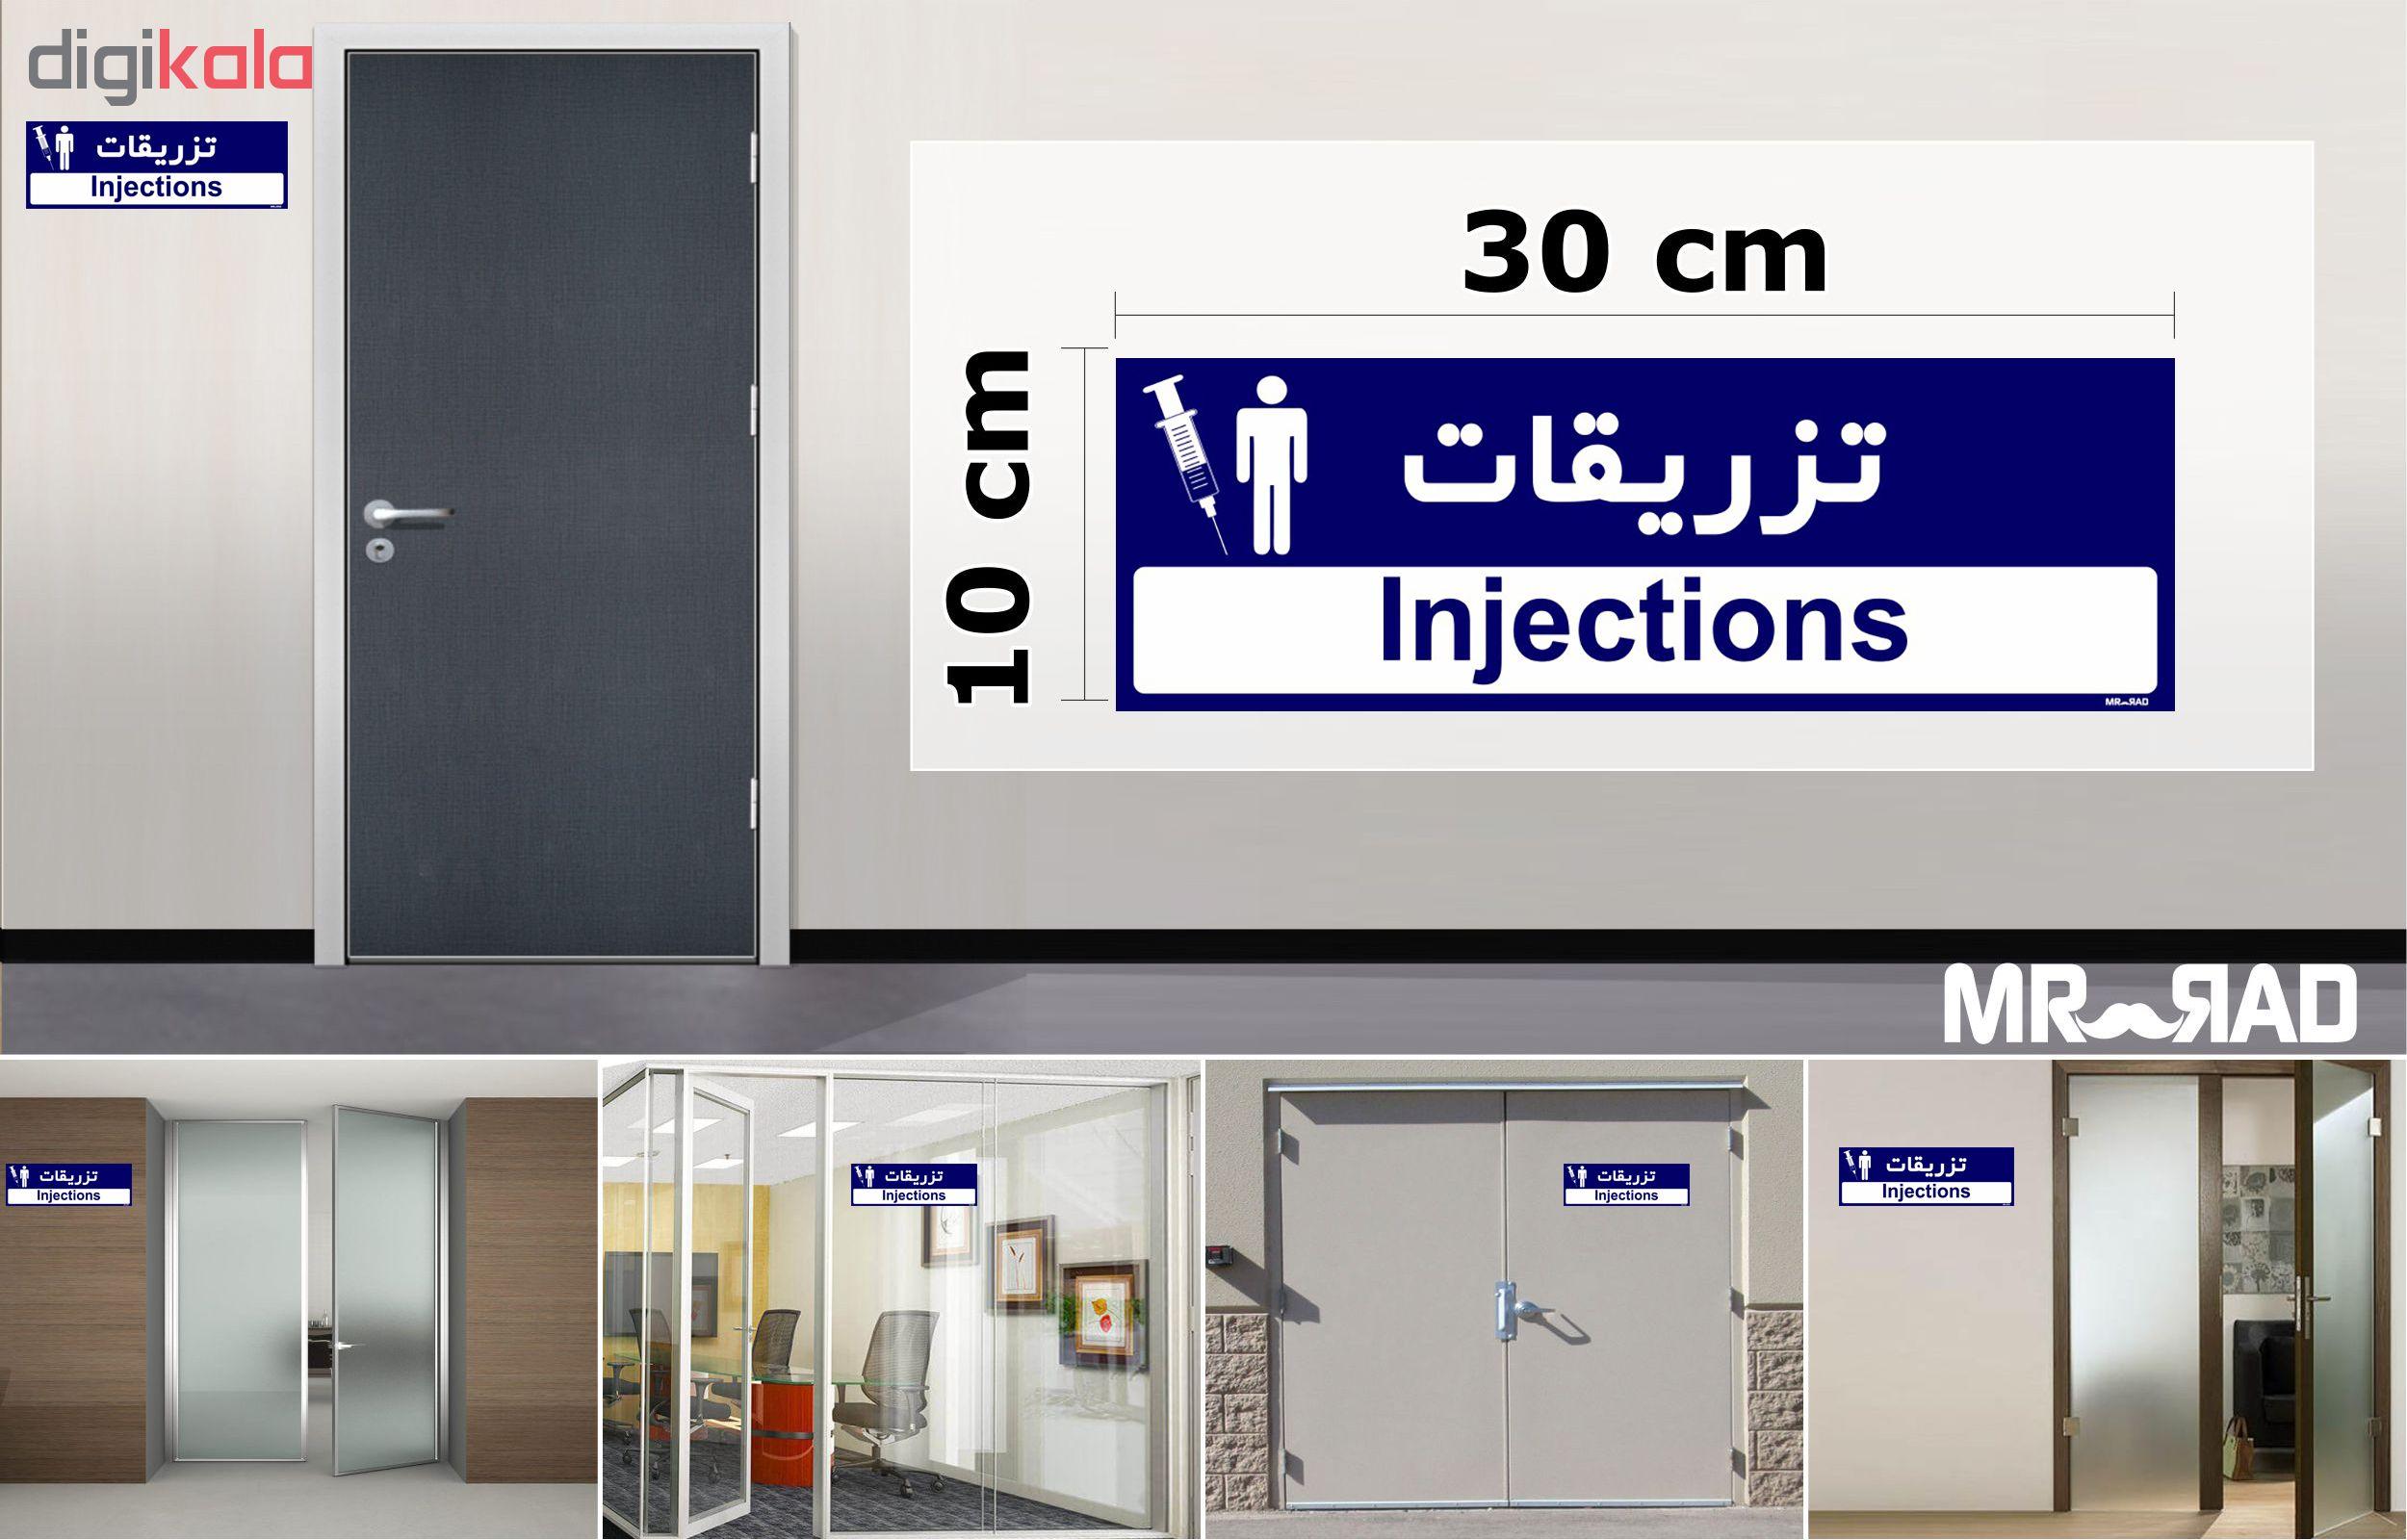 تابلو راهنمای اتاق FG طرح تزریقات کدTHO0421